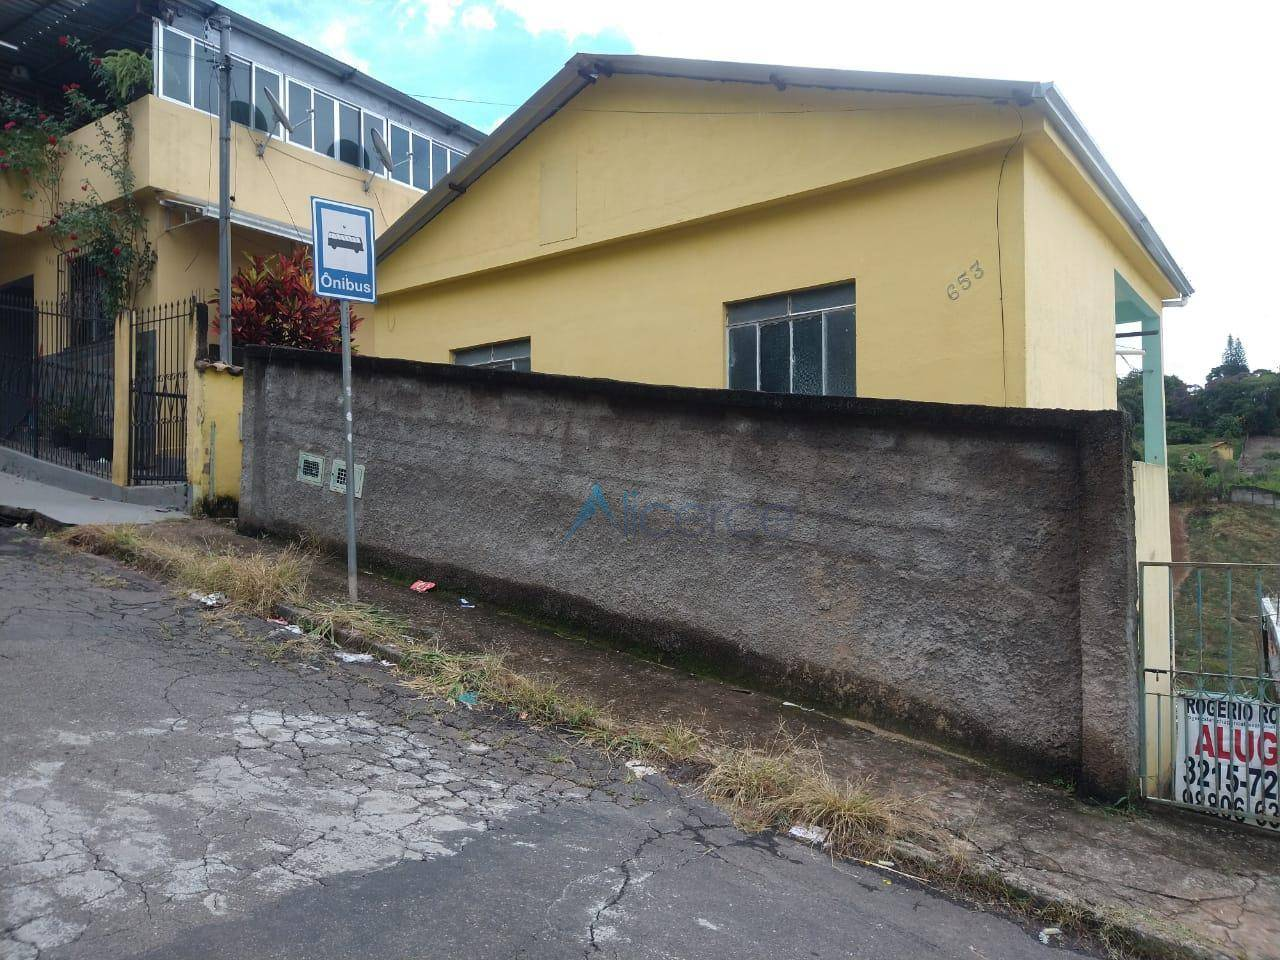 Casa com 2 quartos para alugar, 60 m² por R$ 600/mês - Parque Guarani - Juiz de Fora/MG